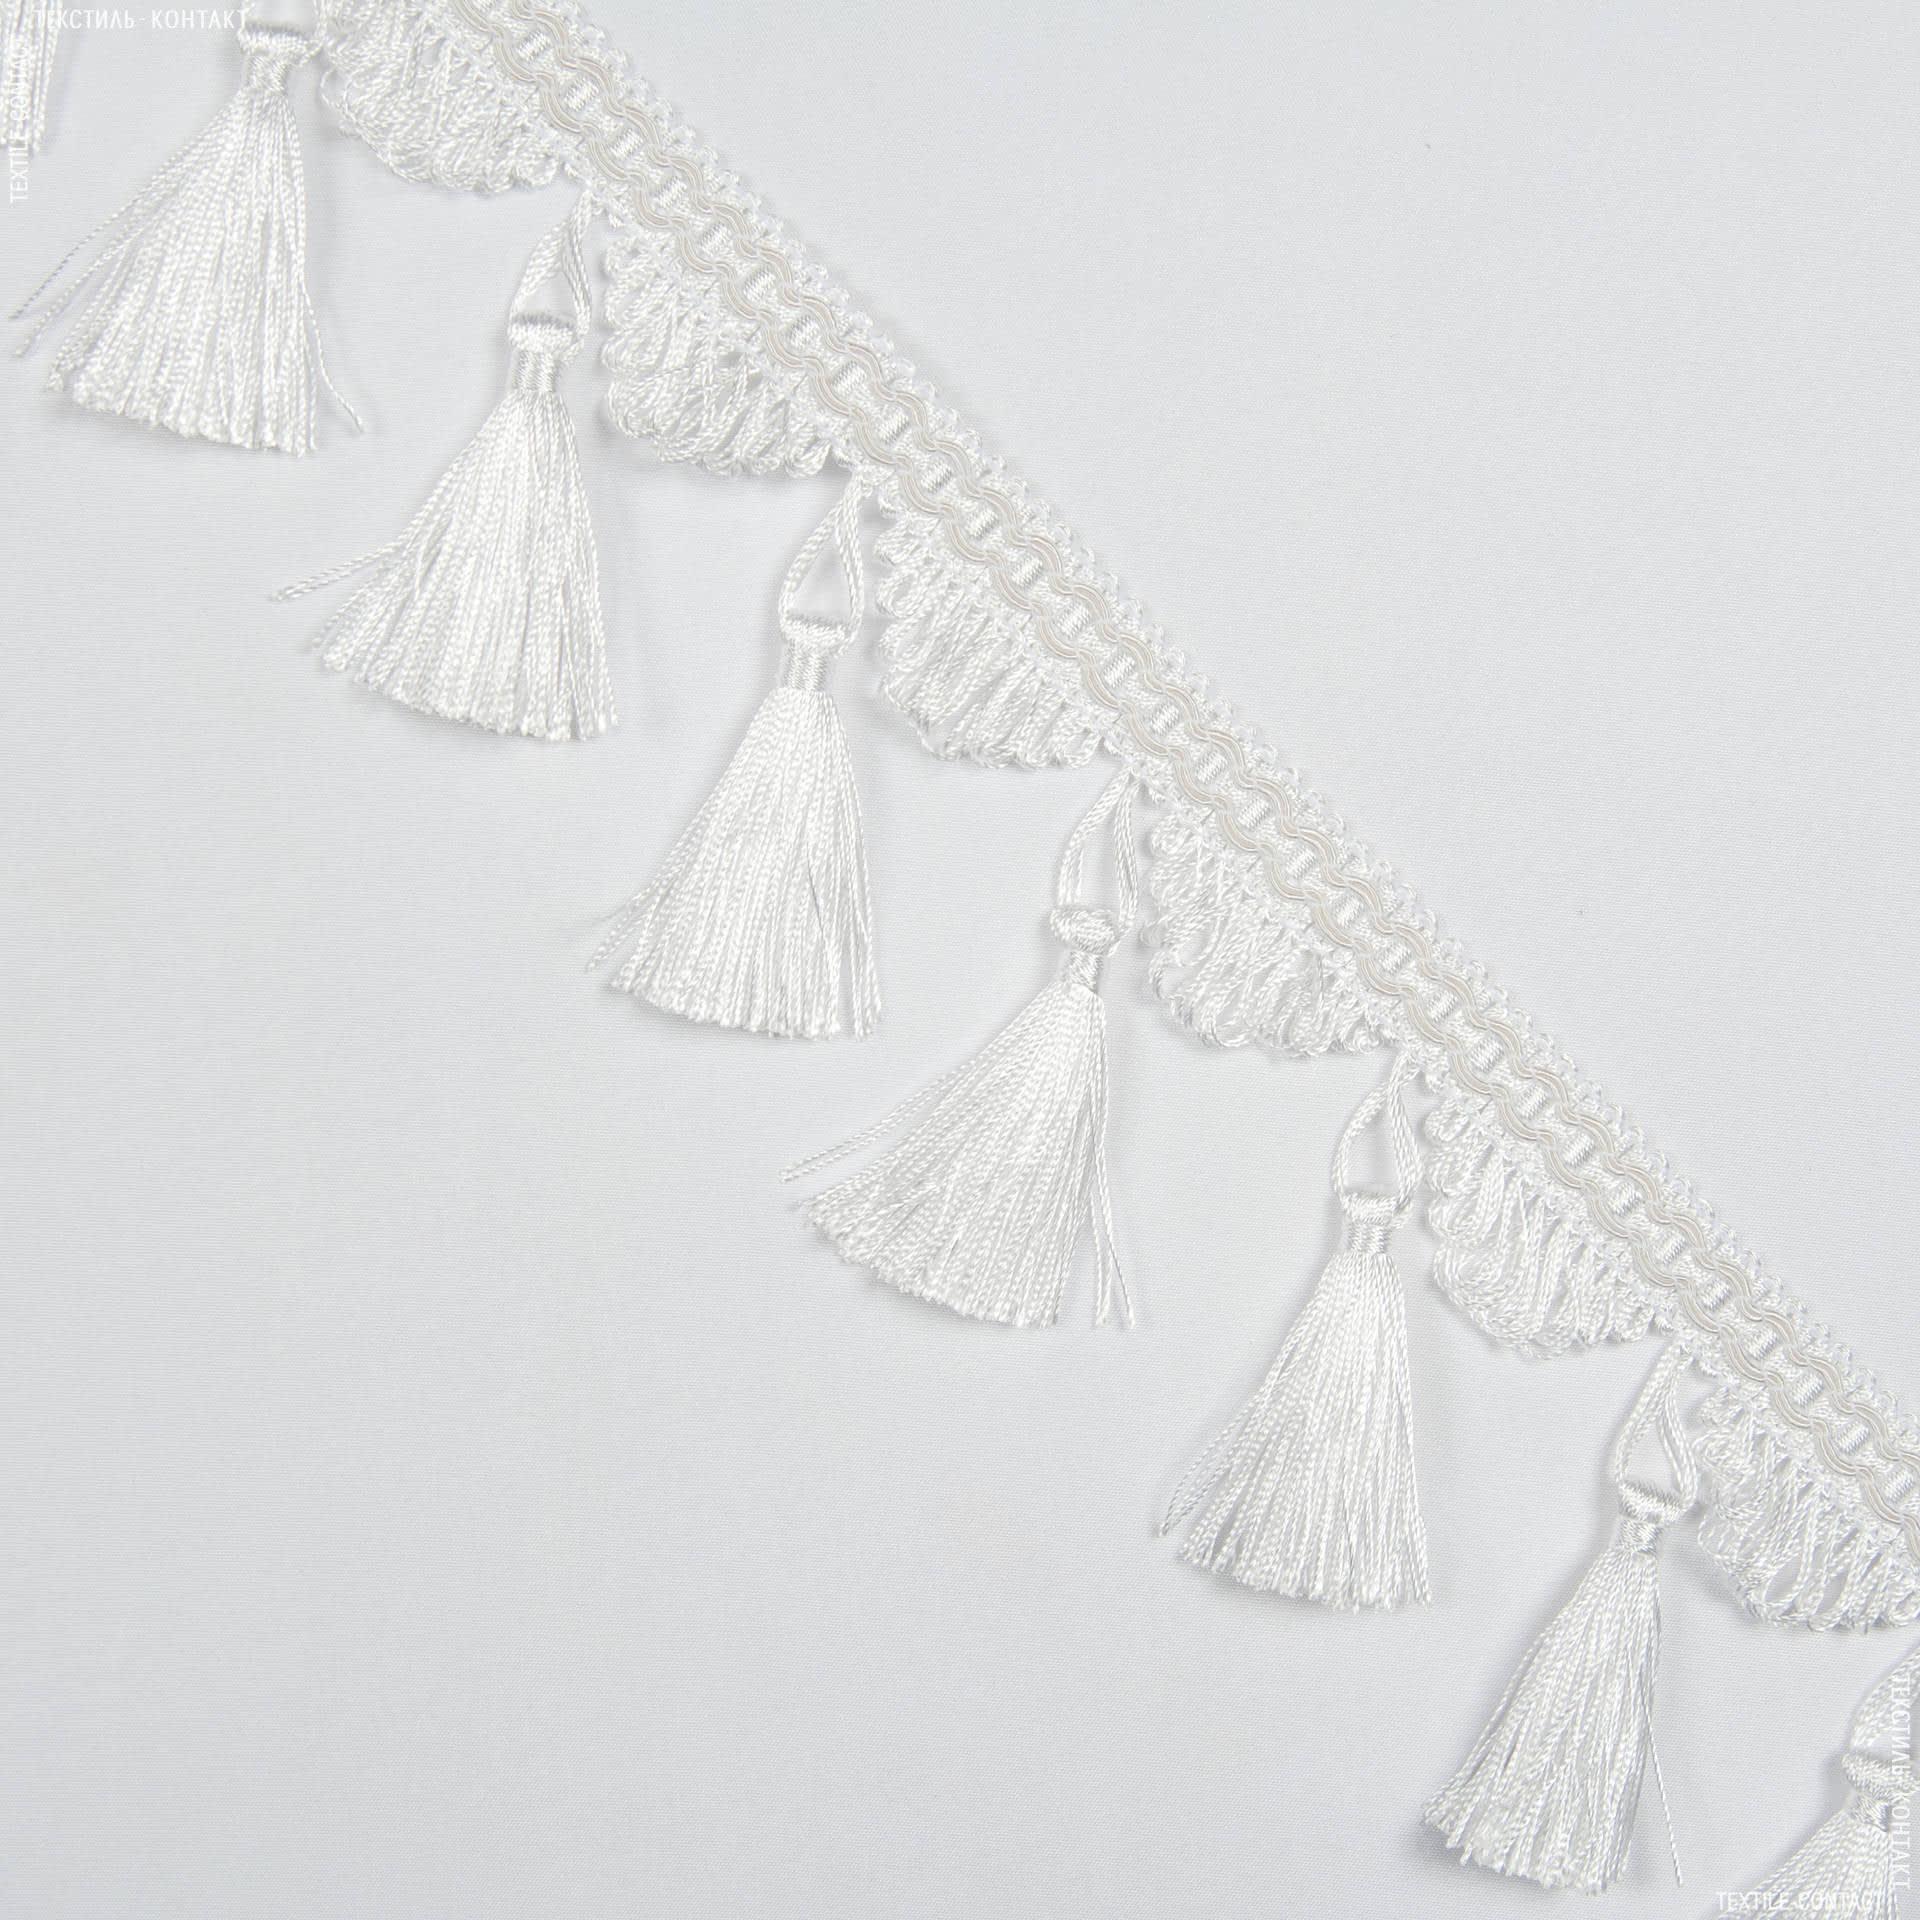 Тканини фурнітура для декора - Бахрома бріджит китиця біло-молочний